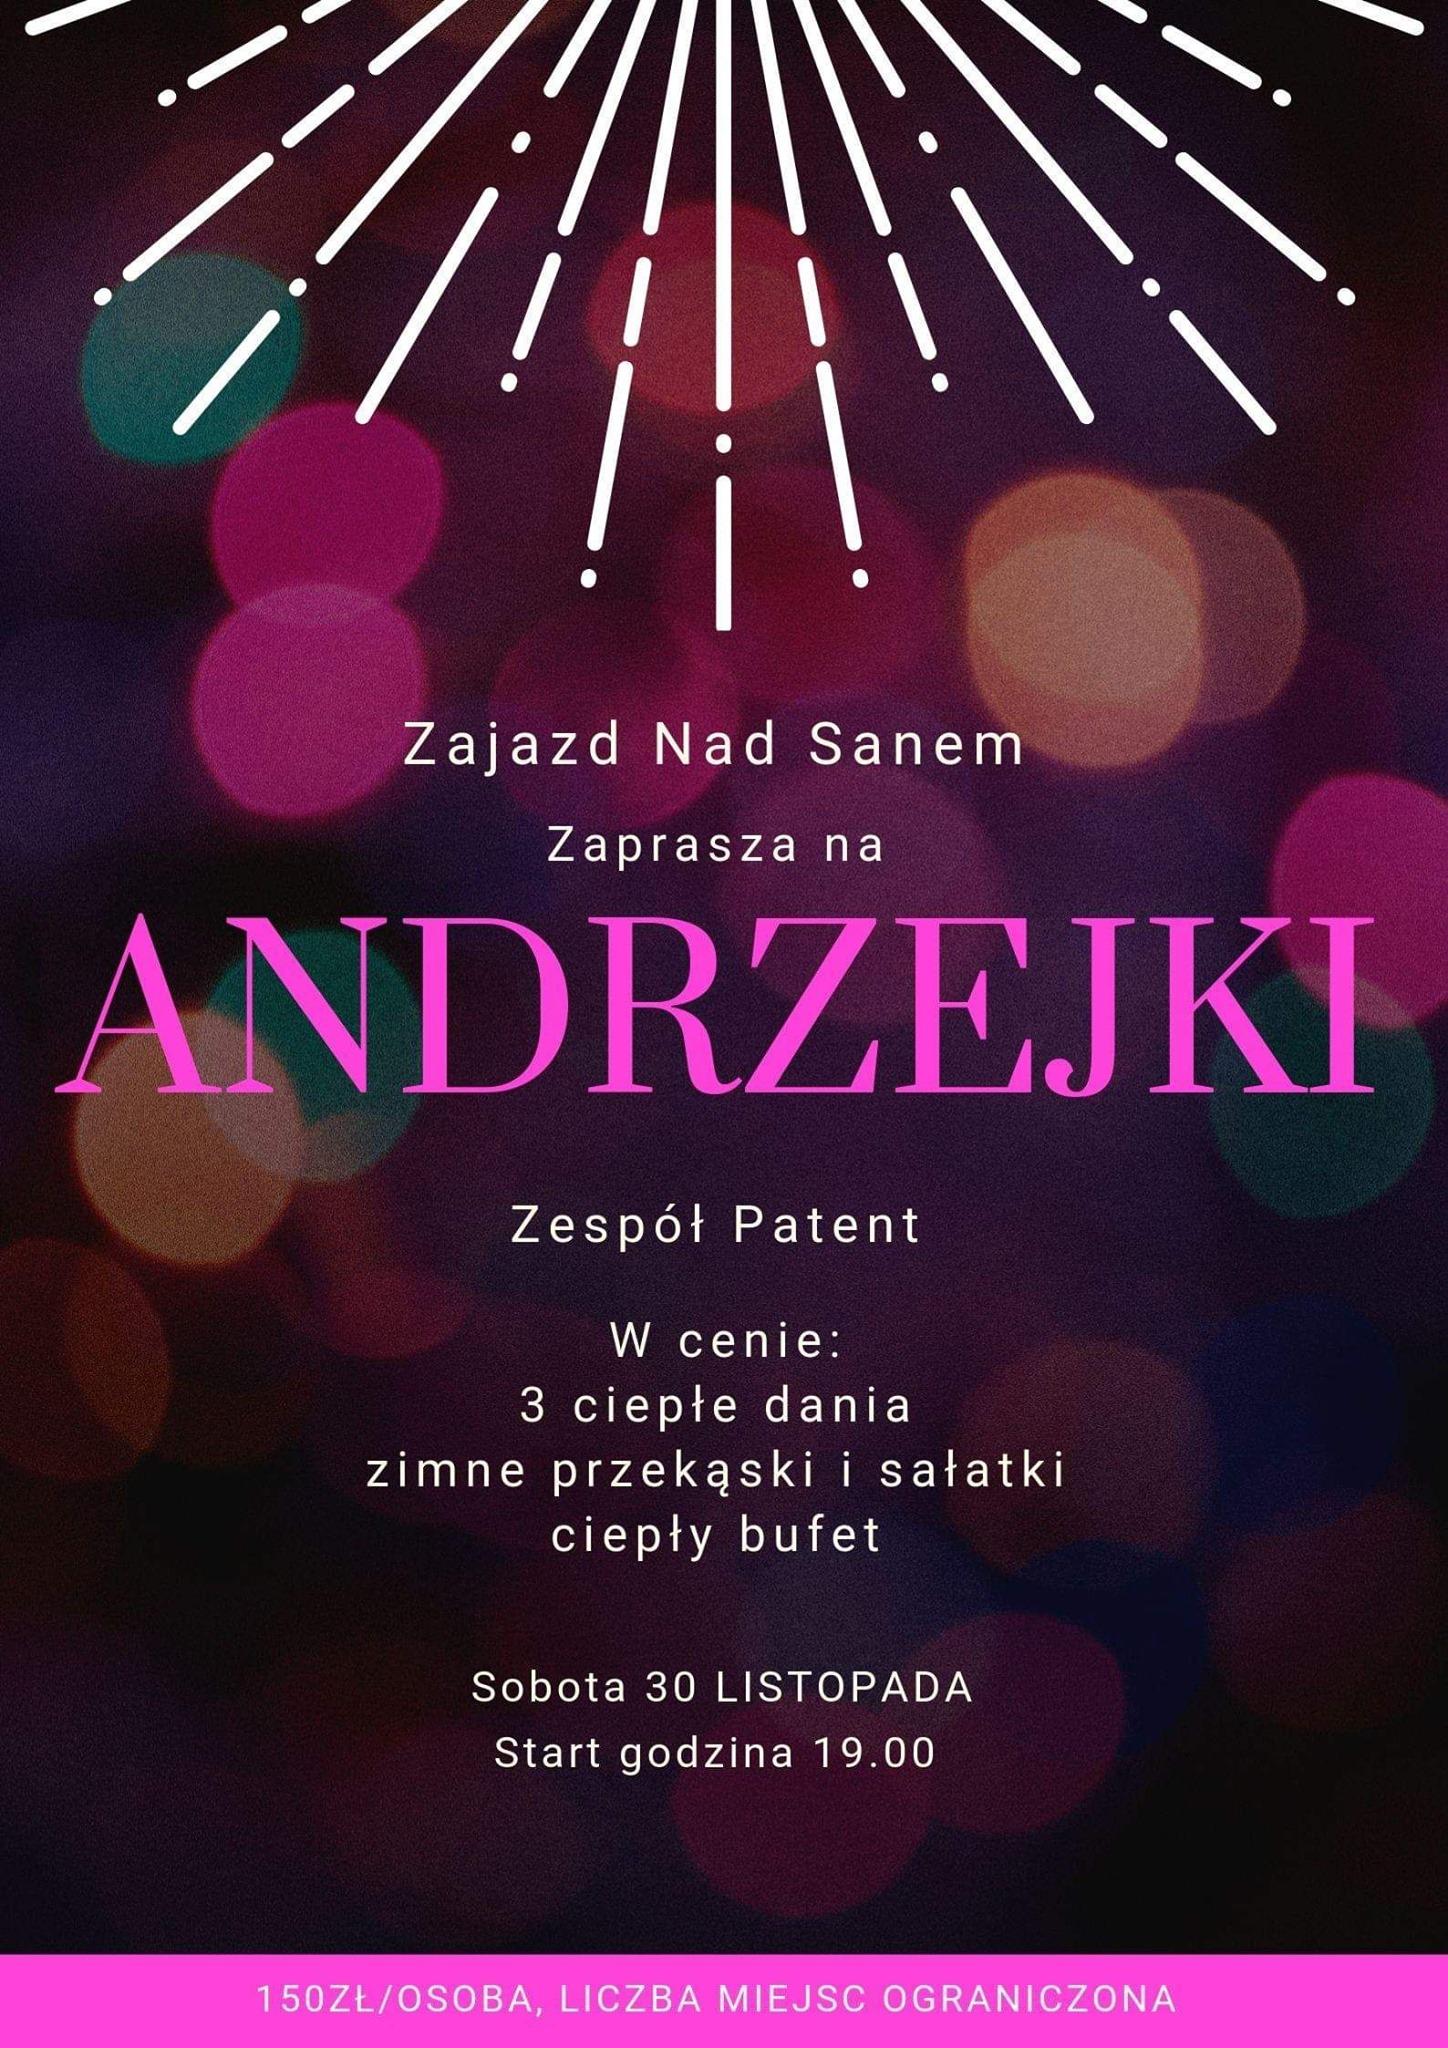 Zajazd Nad Sanem Andrzejki 2019